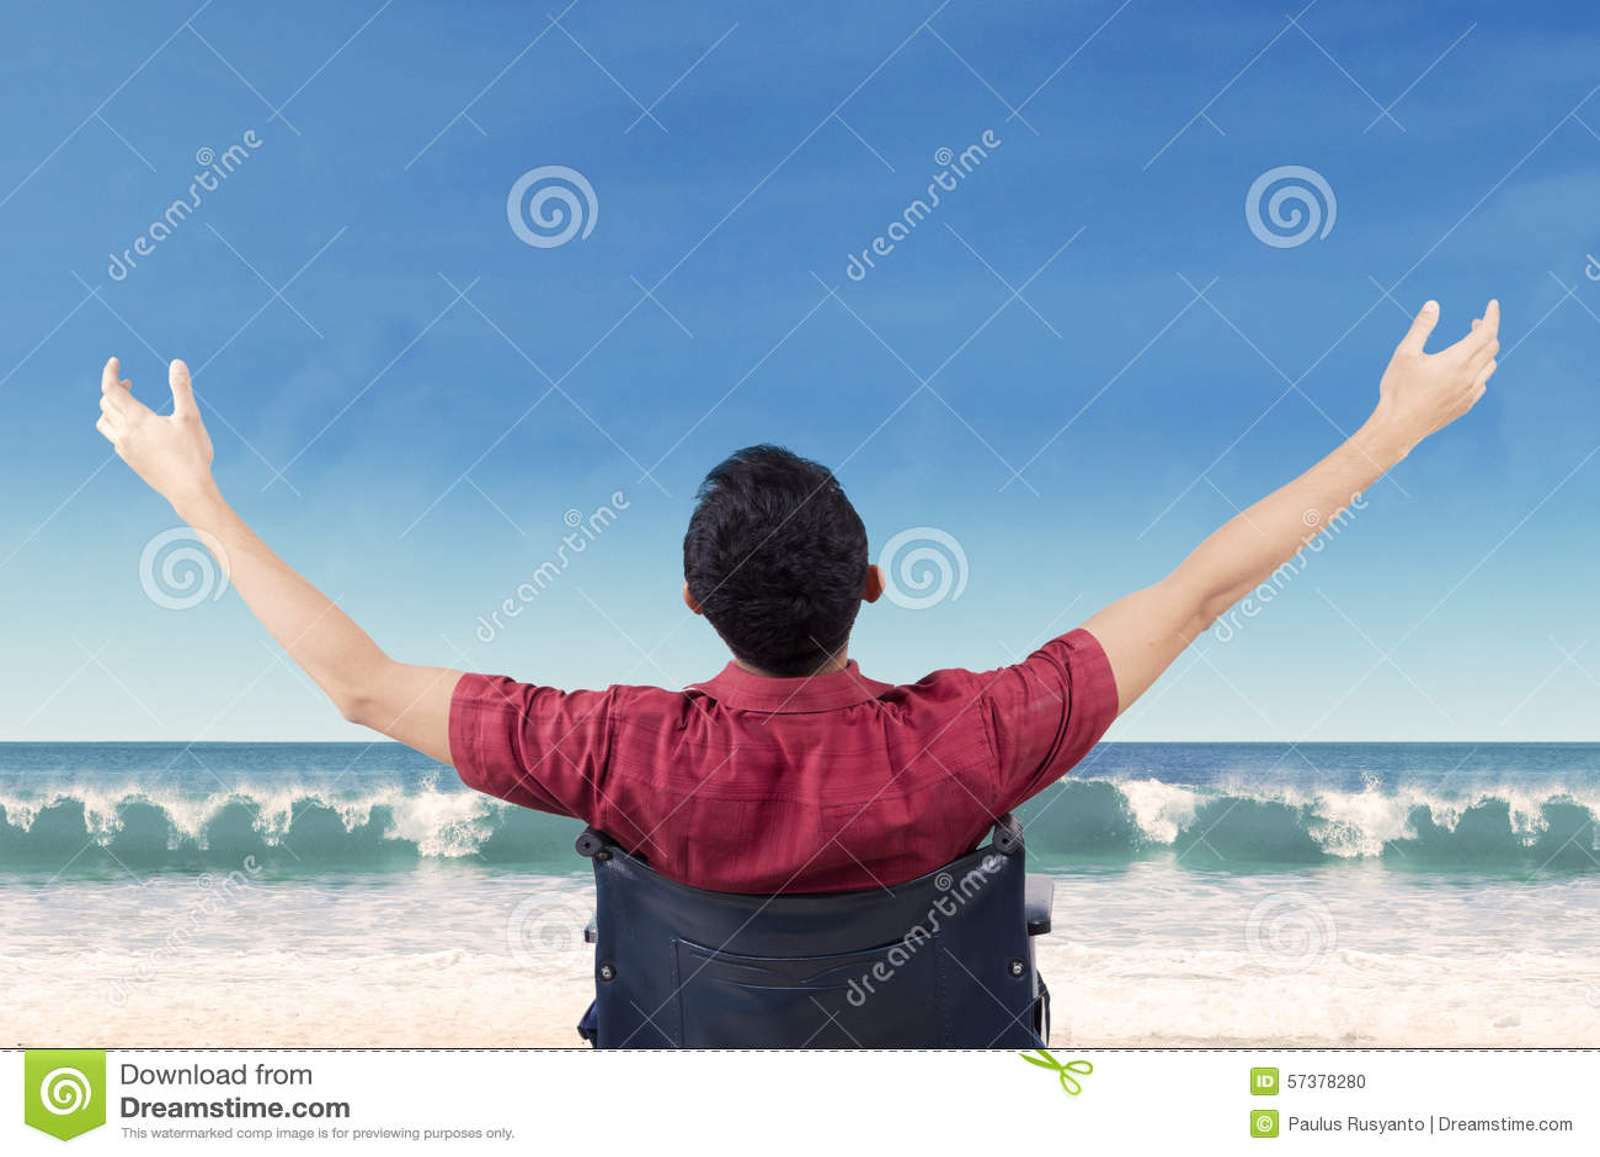 De gehandicapte persoon geniet van vrijheid bij kust